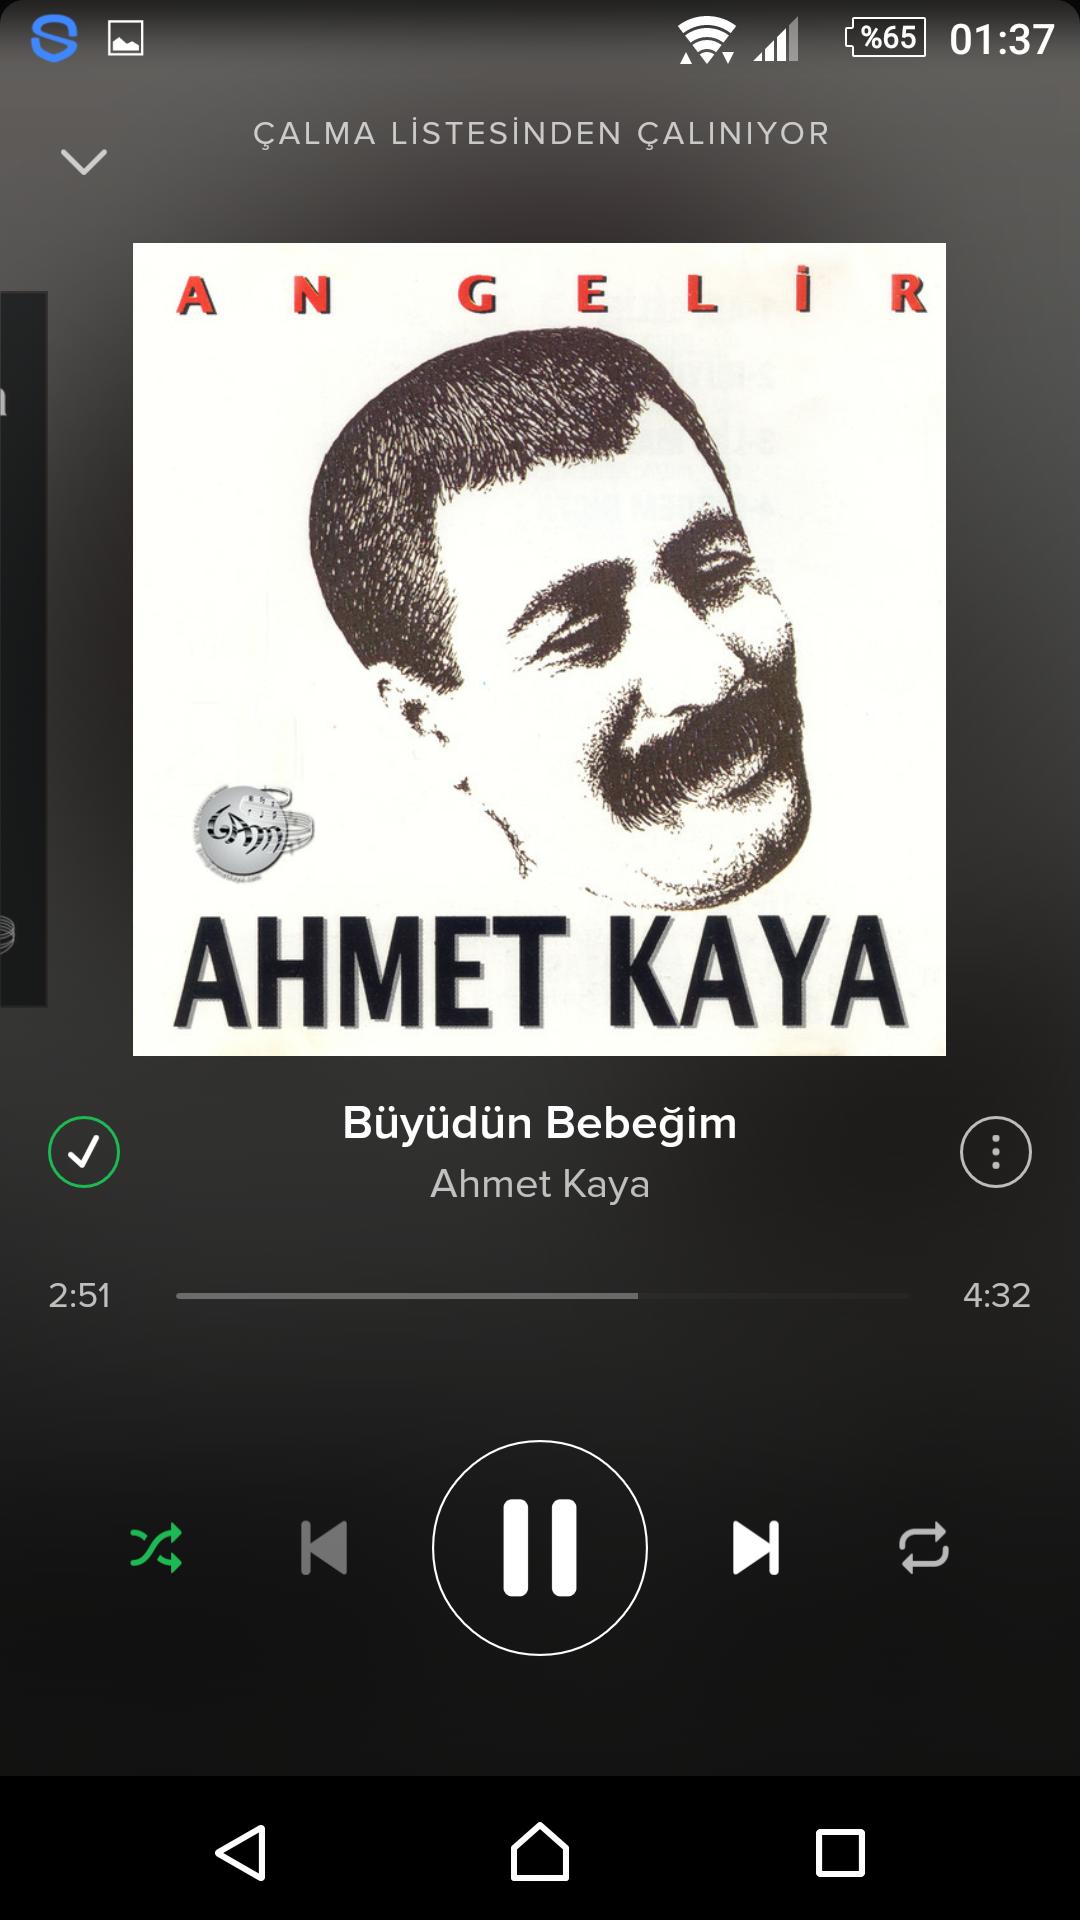 günün şarkısı